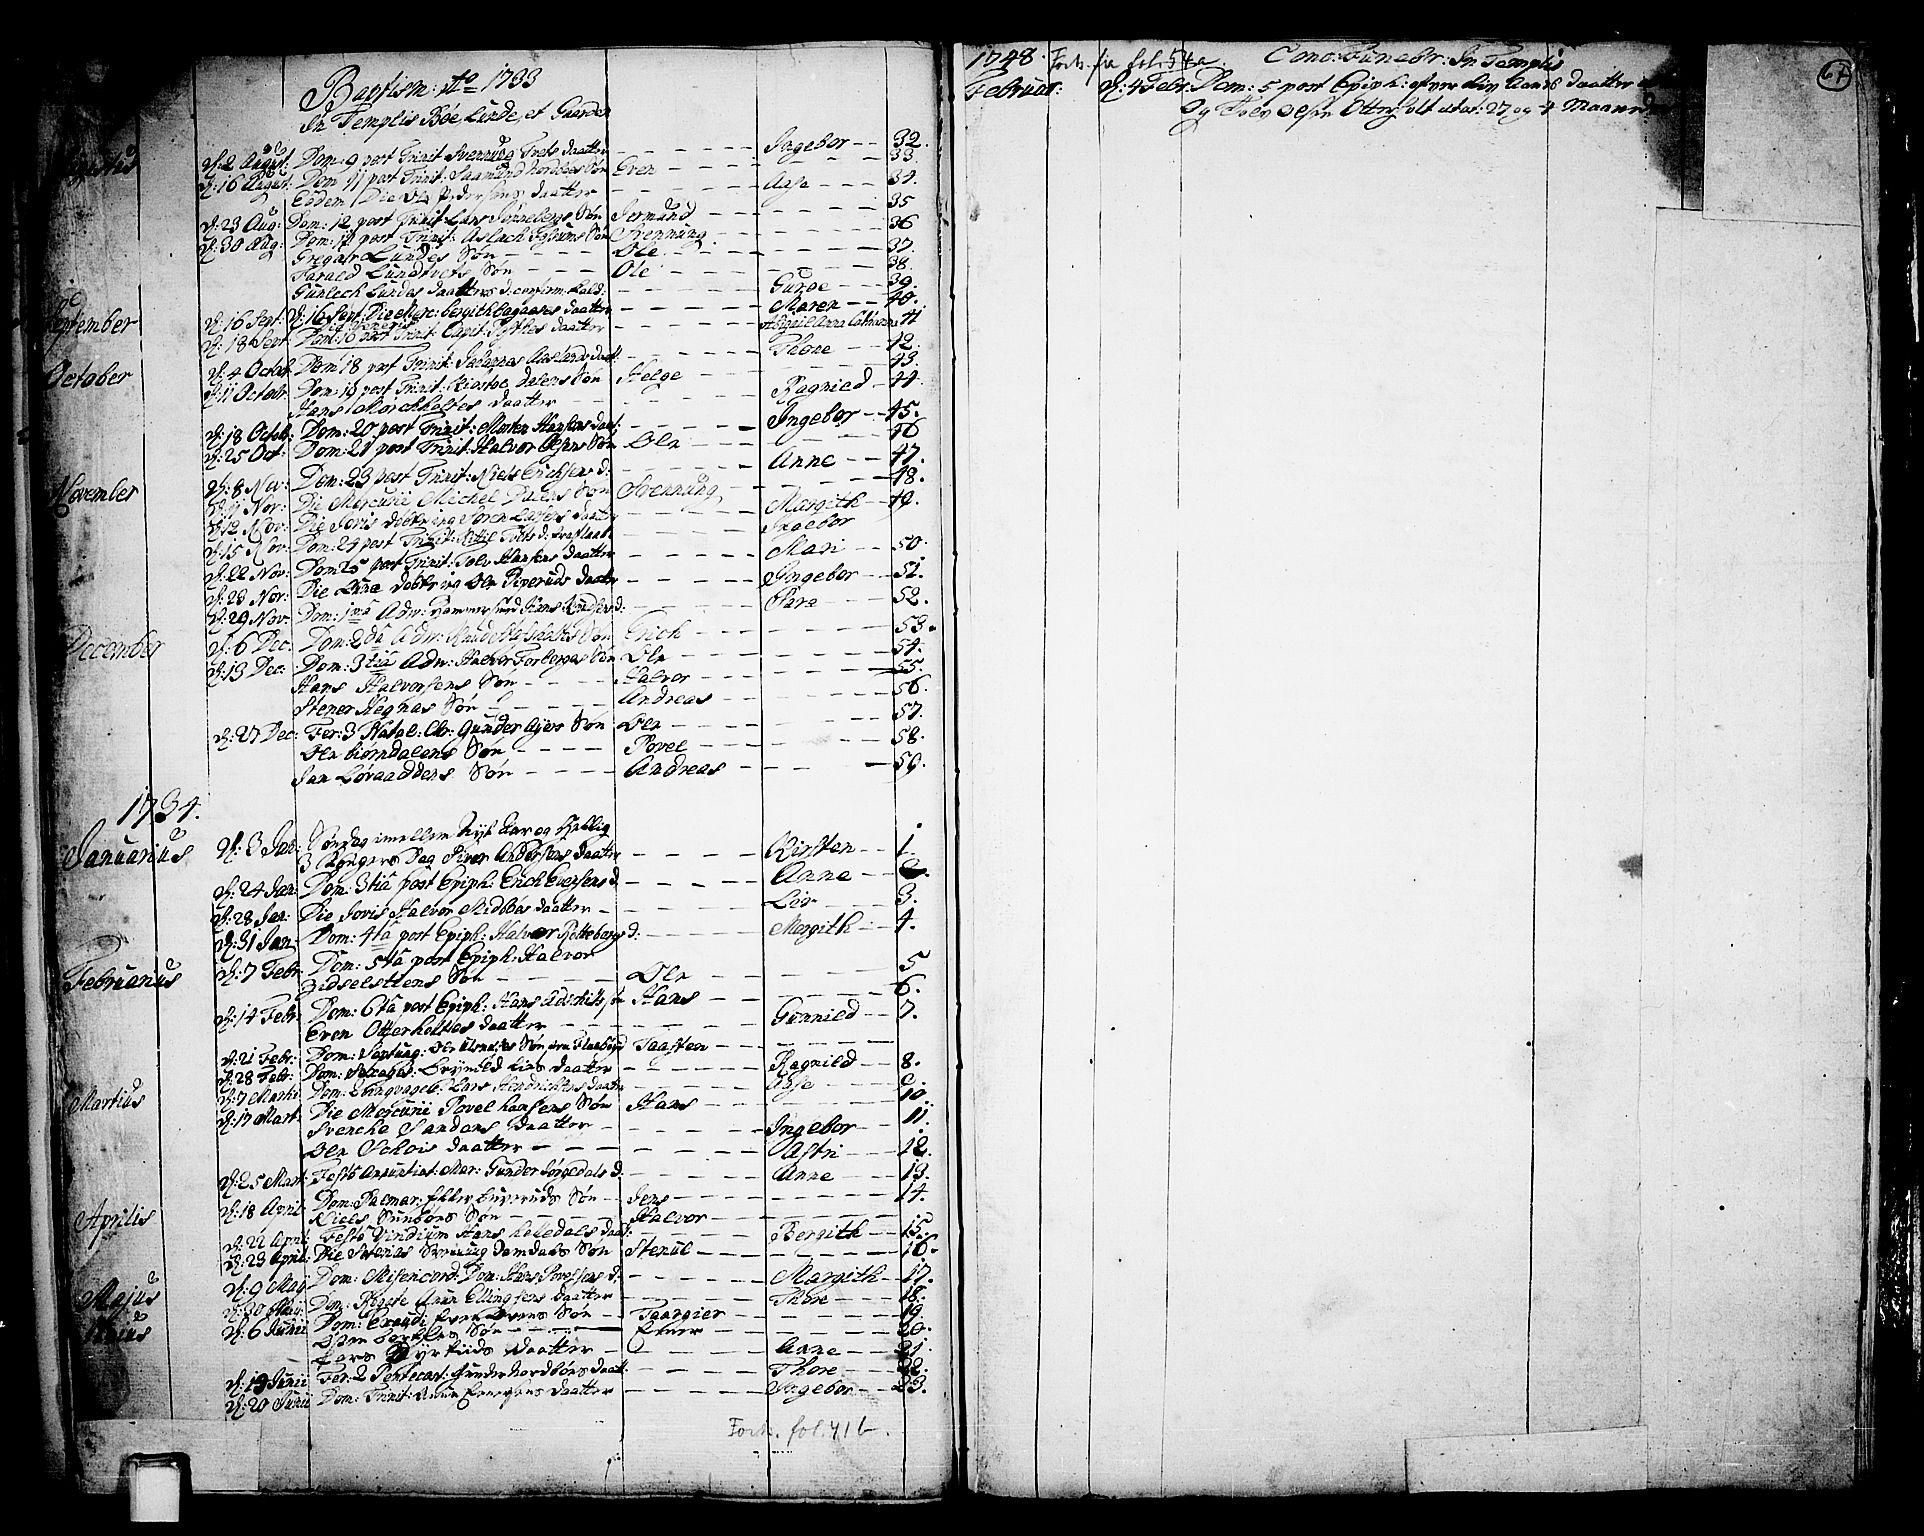 SAKO, Bø kirkebøker, F/Fa/L0003: Ministerialbok nr. 3, 1733-1748, s. 67